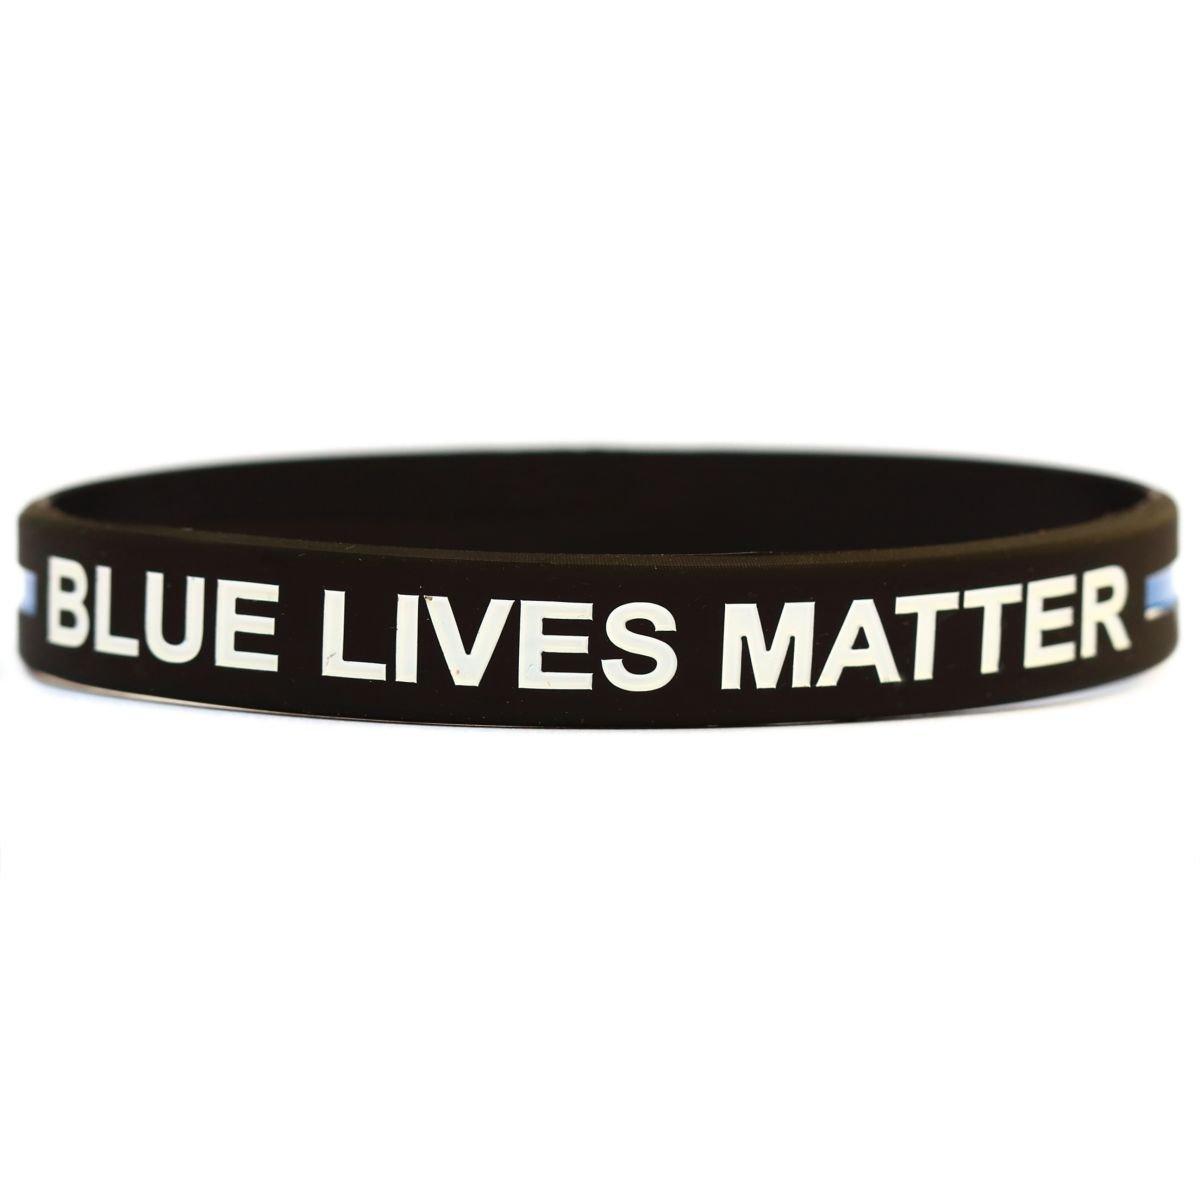 1子サイズブルーLives MatterシンブルーラインシリコンリストバンドブレスレットPolice Officers patrol Awarenessサポートsayitbandsブランド   B015G5VRIM